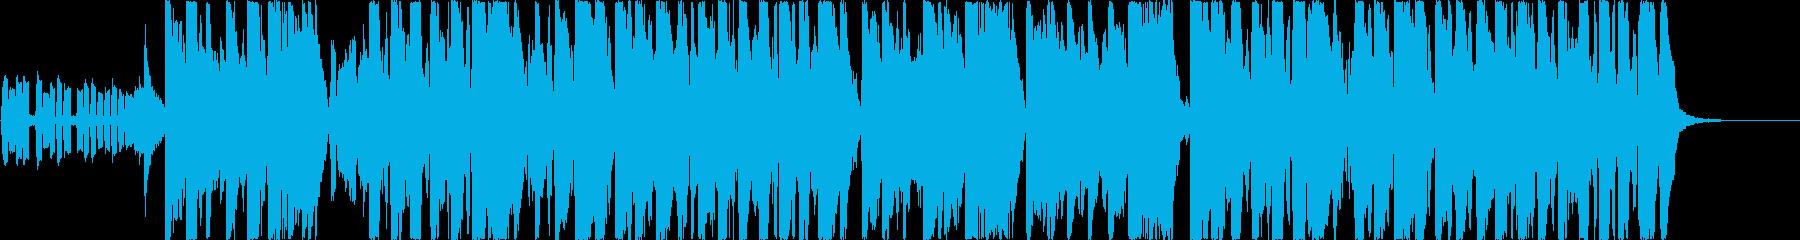 タランテラ、フォーク、トラディショ...の再生済みの波形